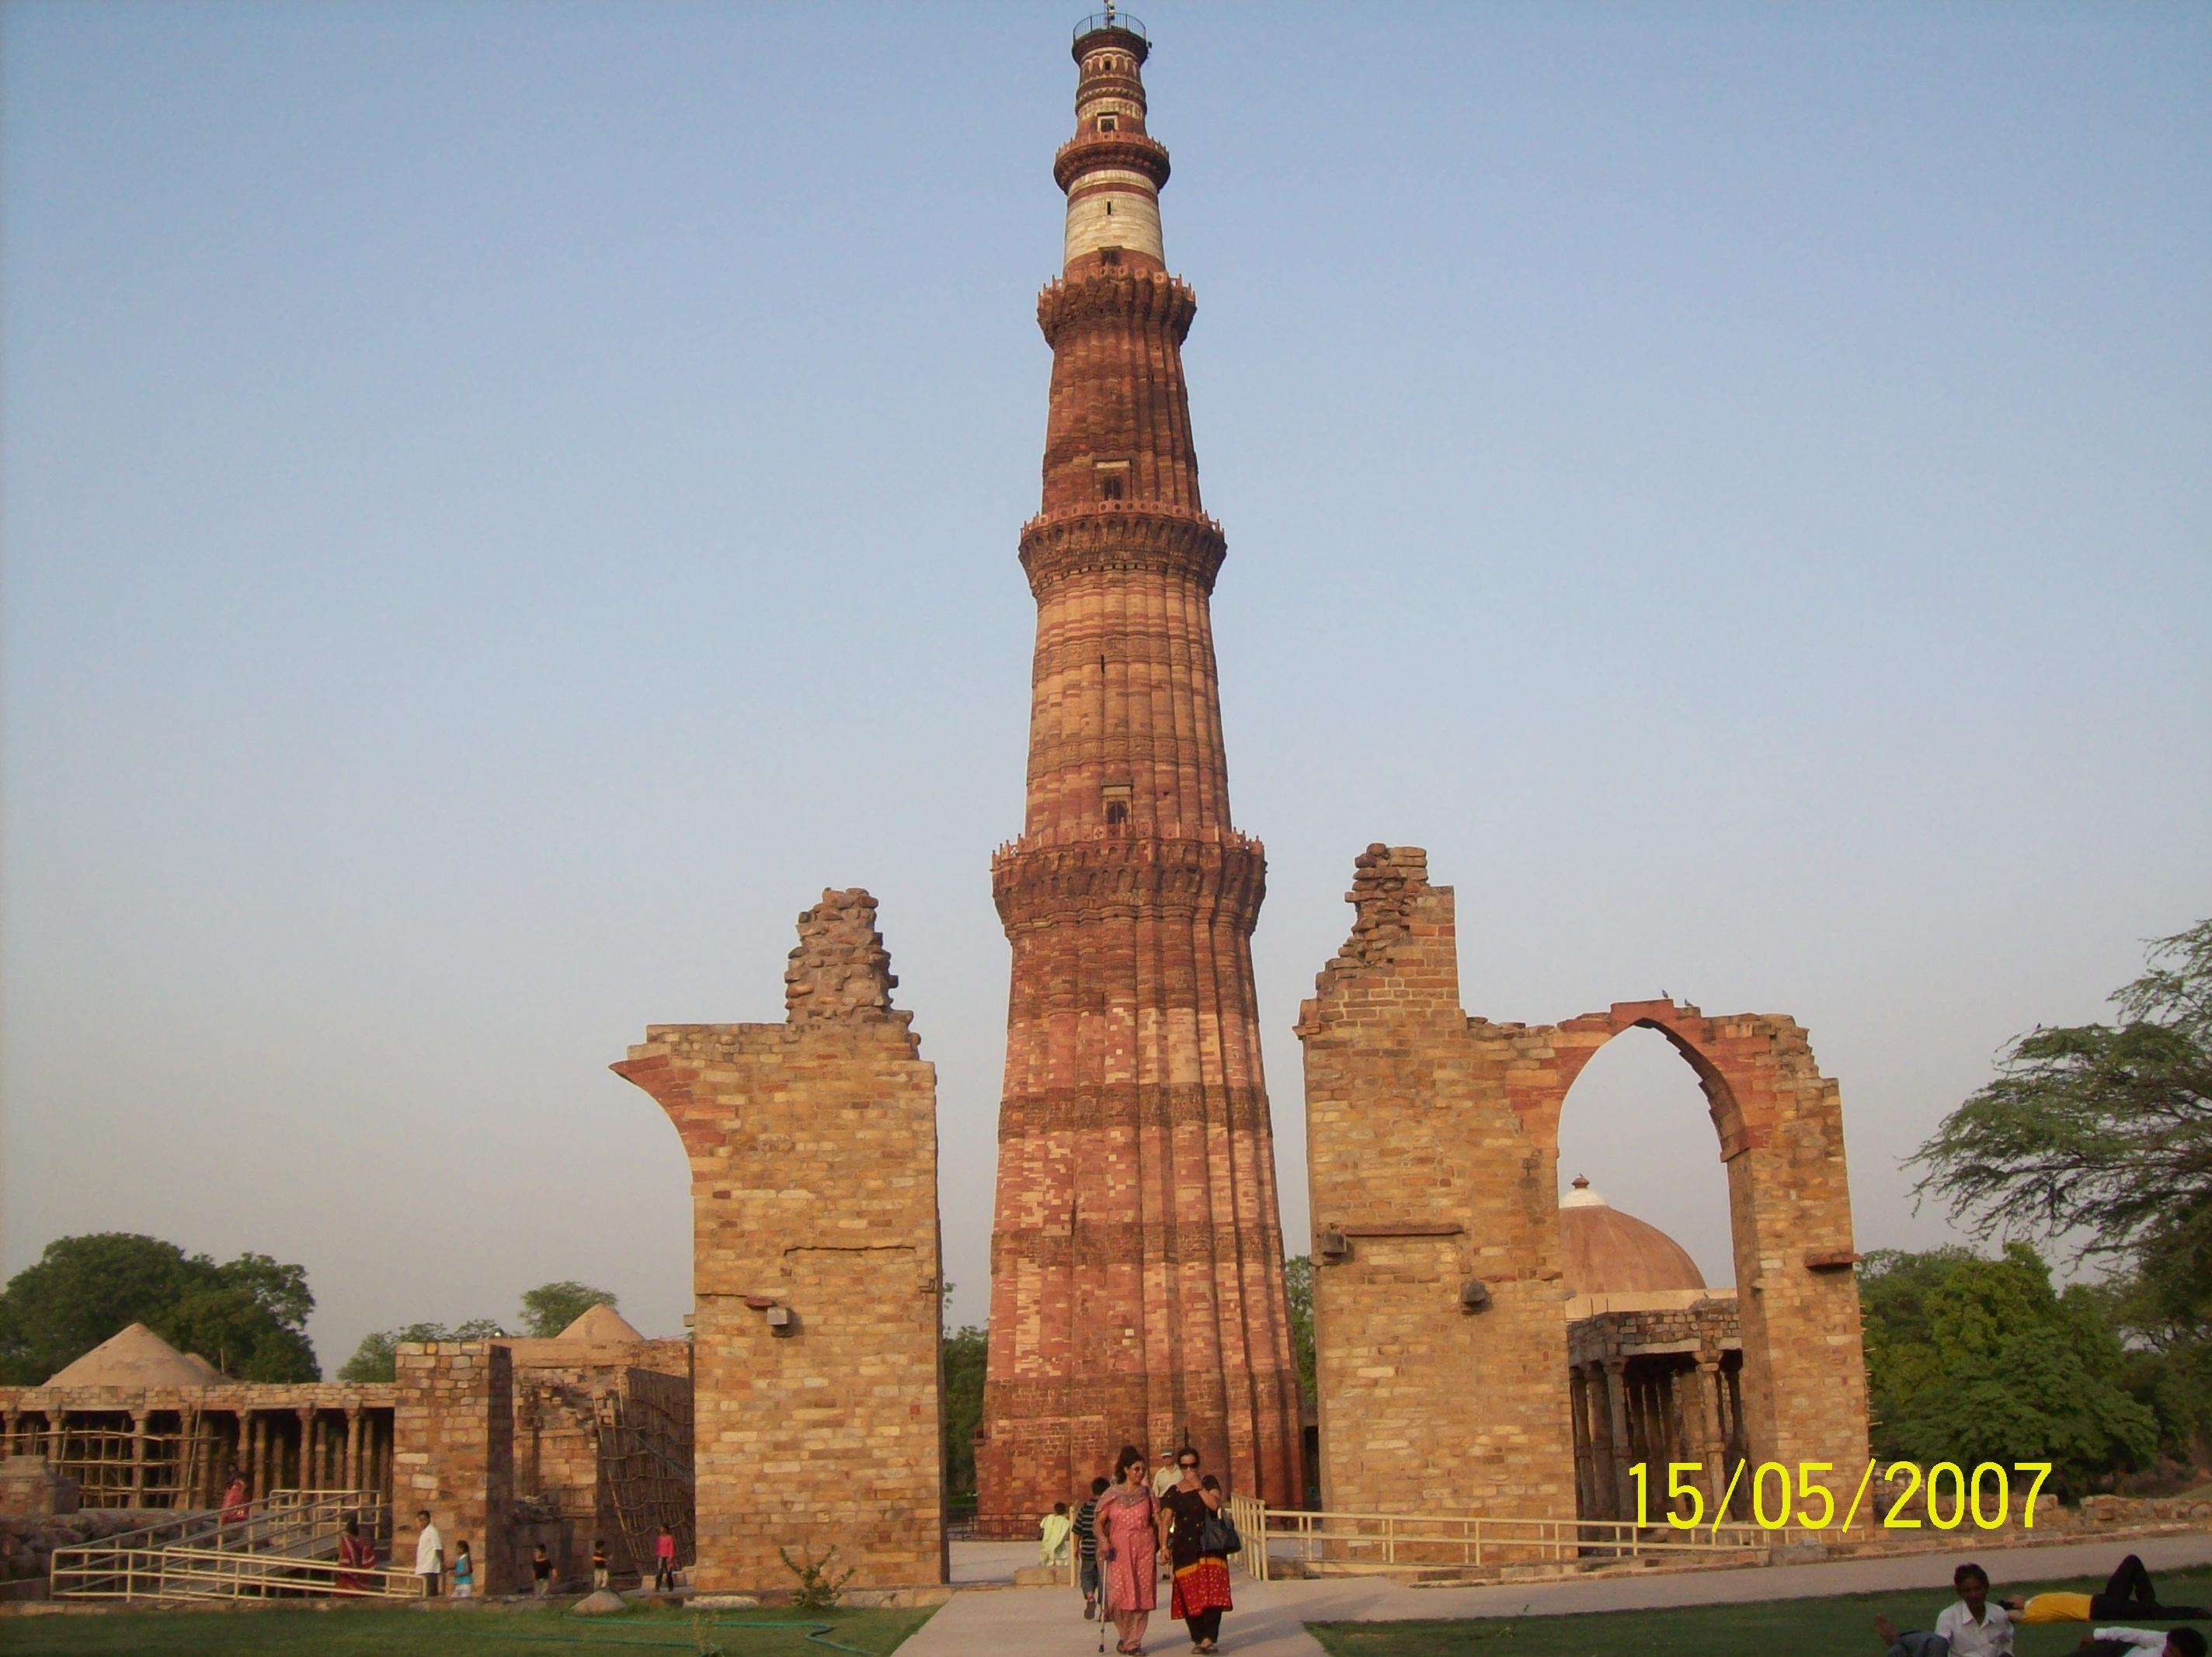 File:Qutab Minar - Delhi.jpg